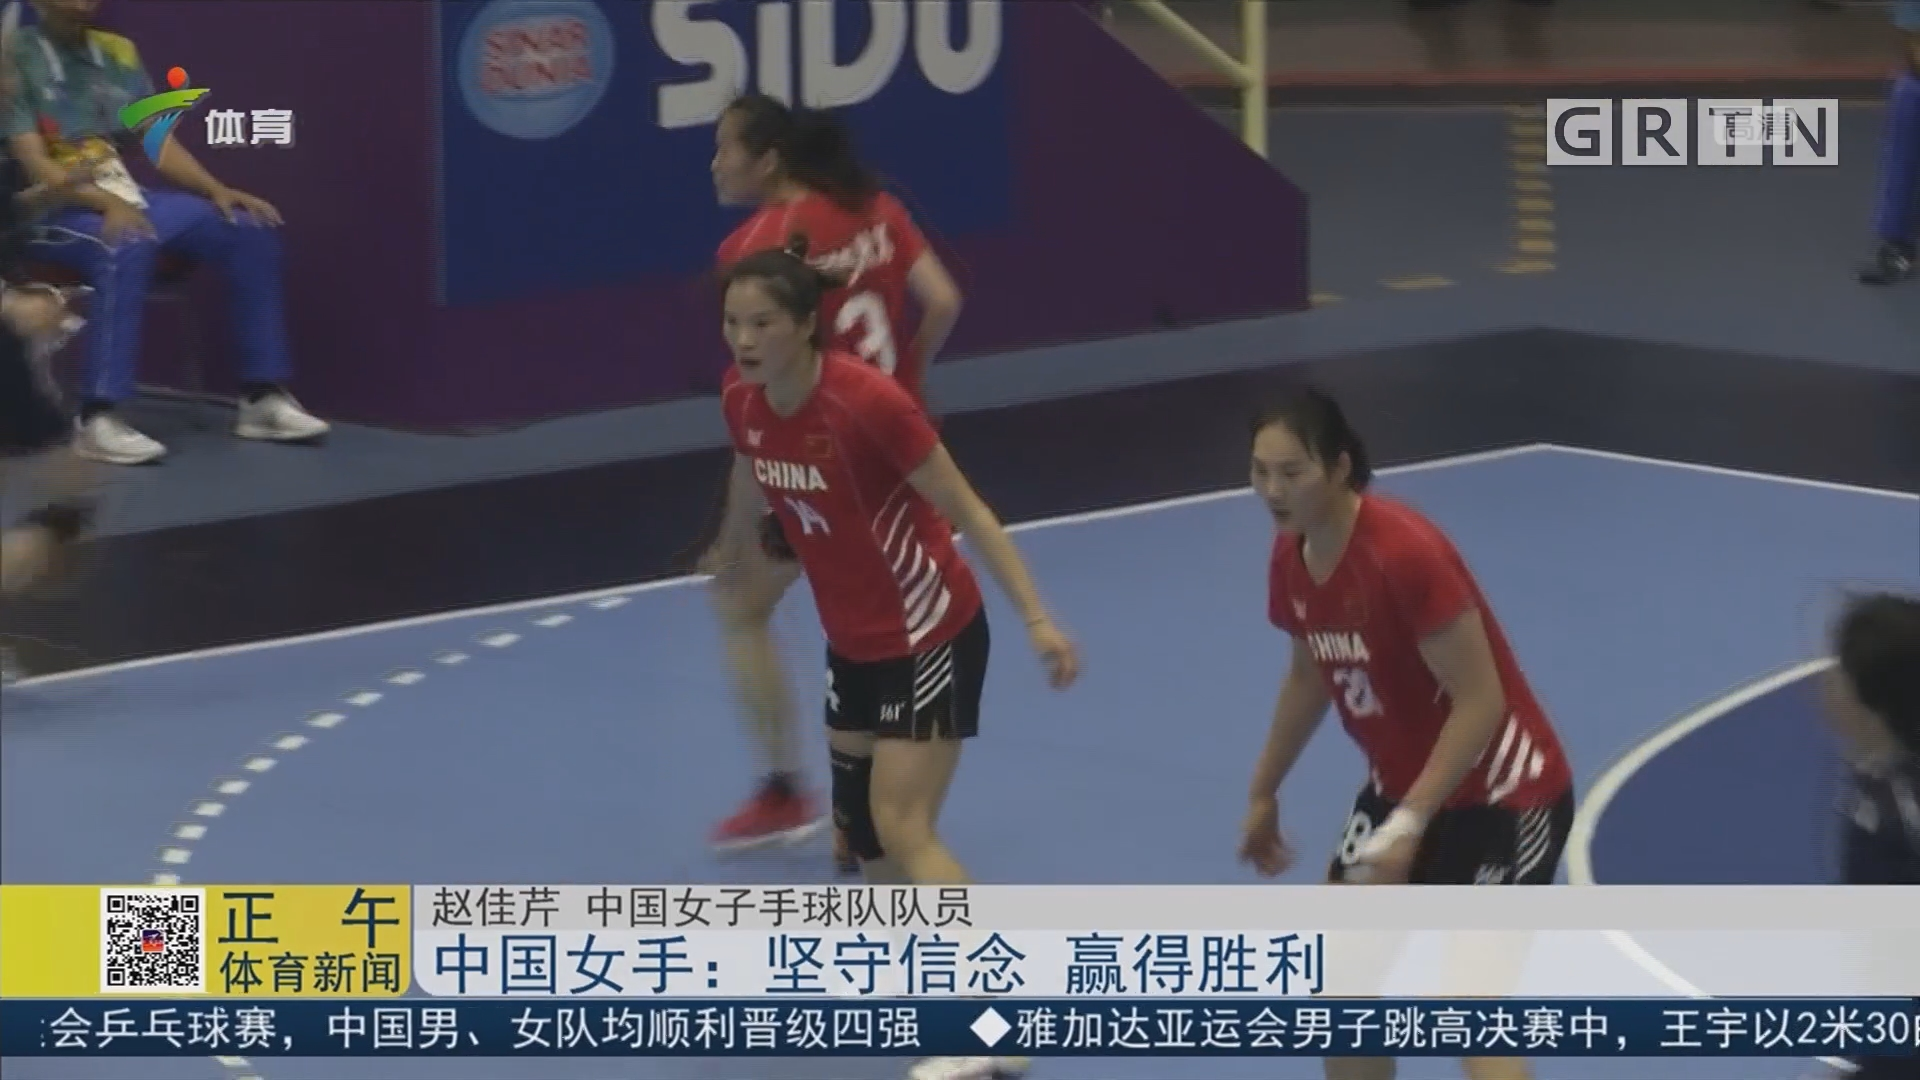 中国女手:坚守信念 赢得胜利